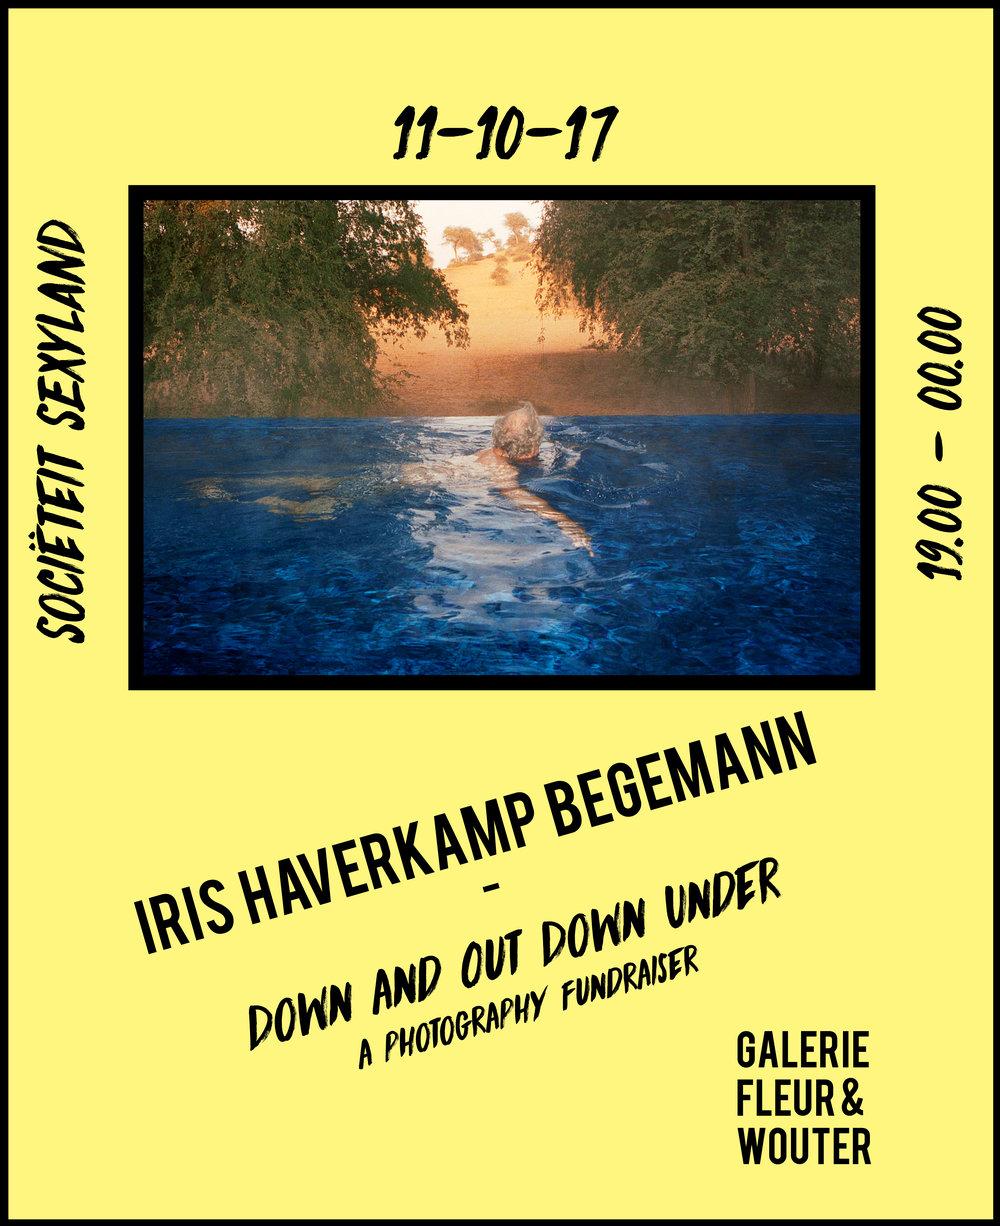 iris flyer 5_FINAL_KLEIN.jpg